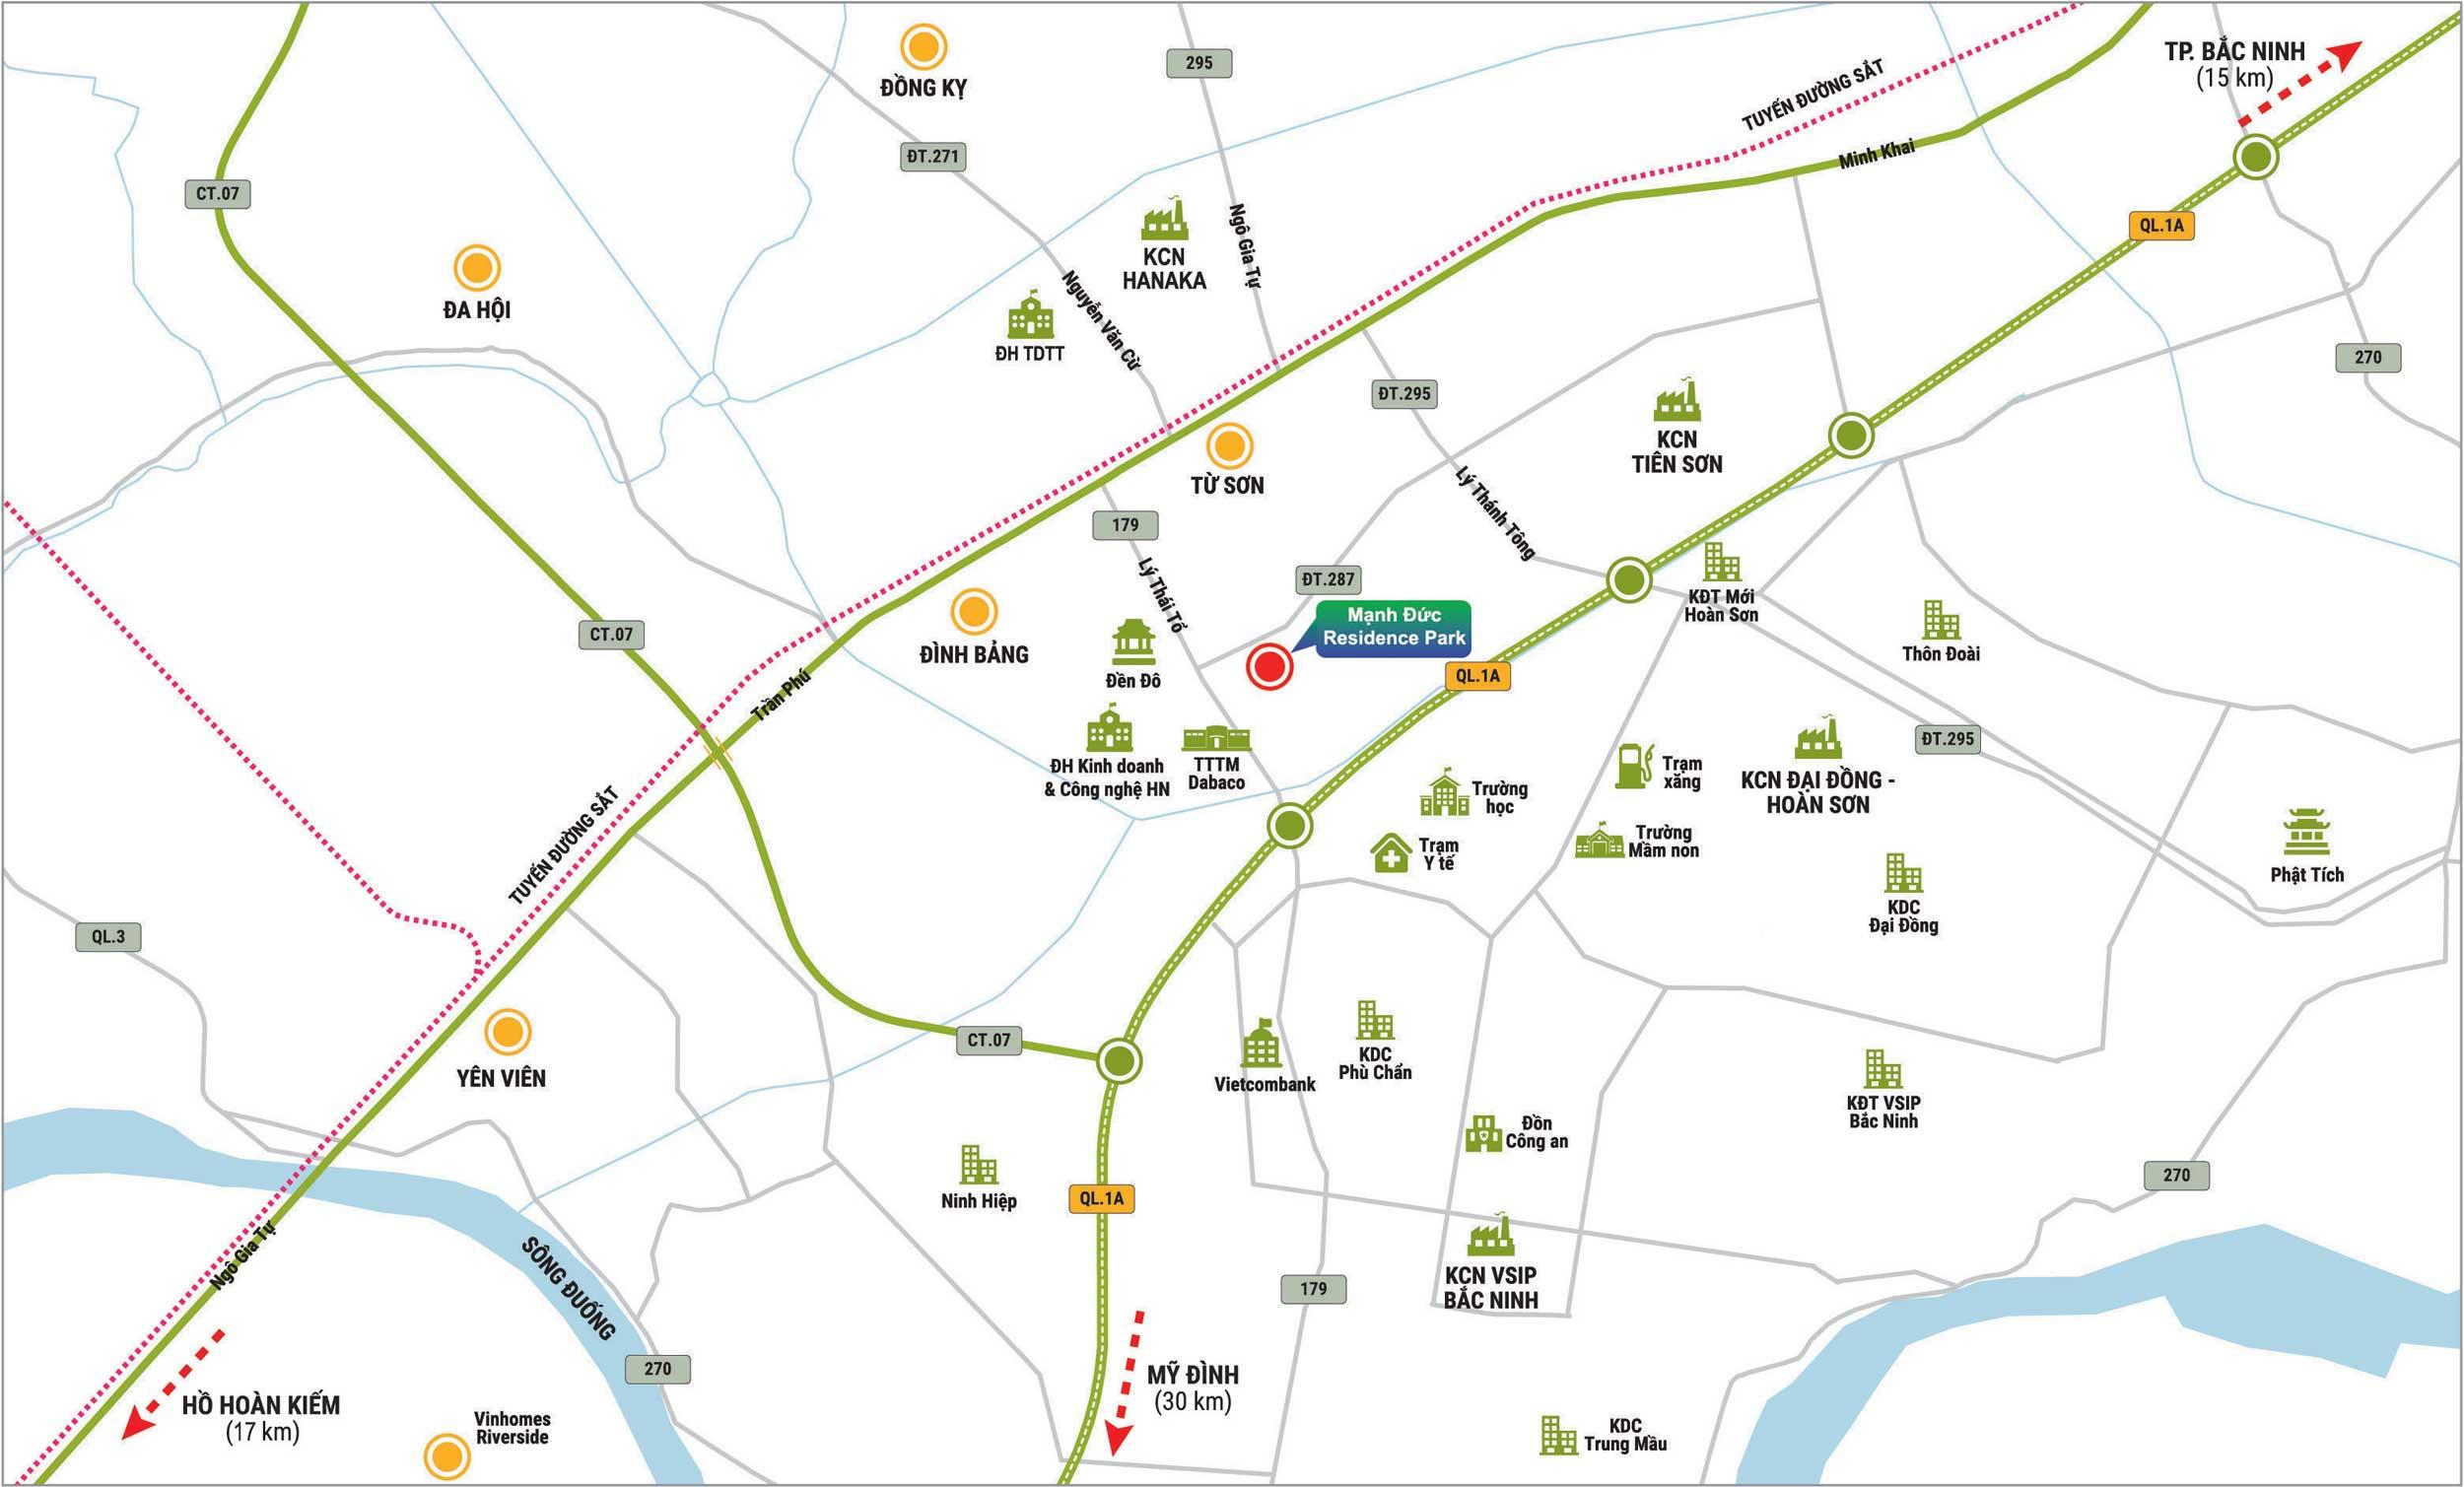 Vị trí dự án Mạnh Đức Residece, Tân Hồng, Từ Sơn, Bắc Ninh